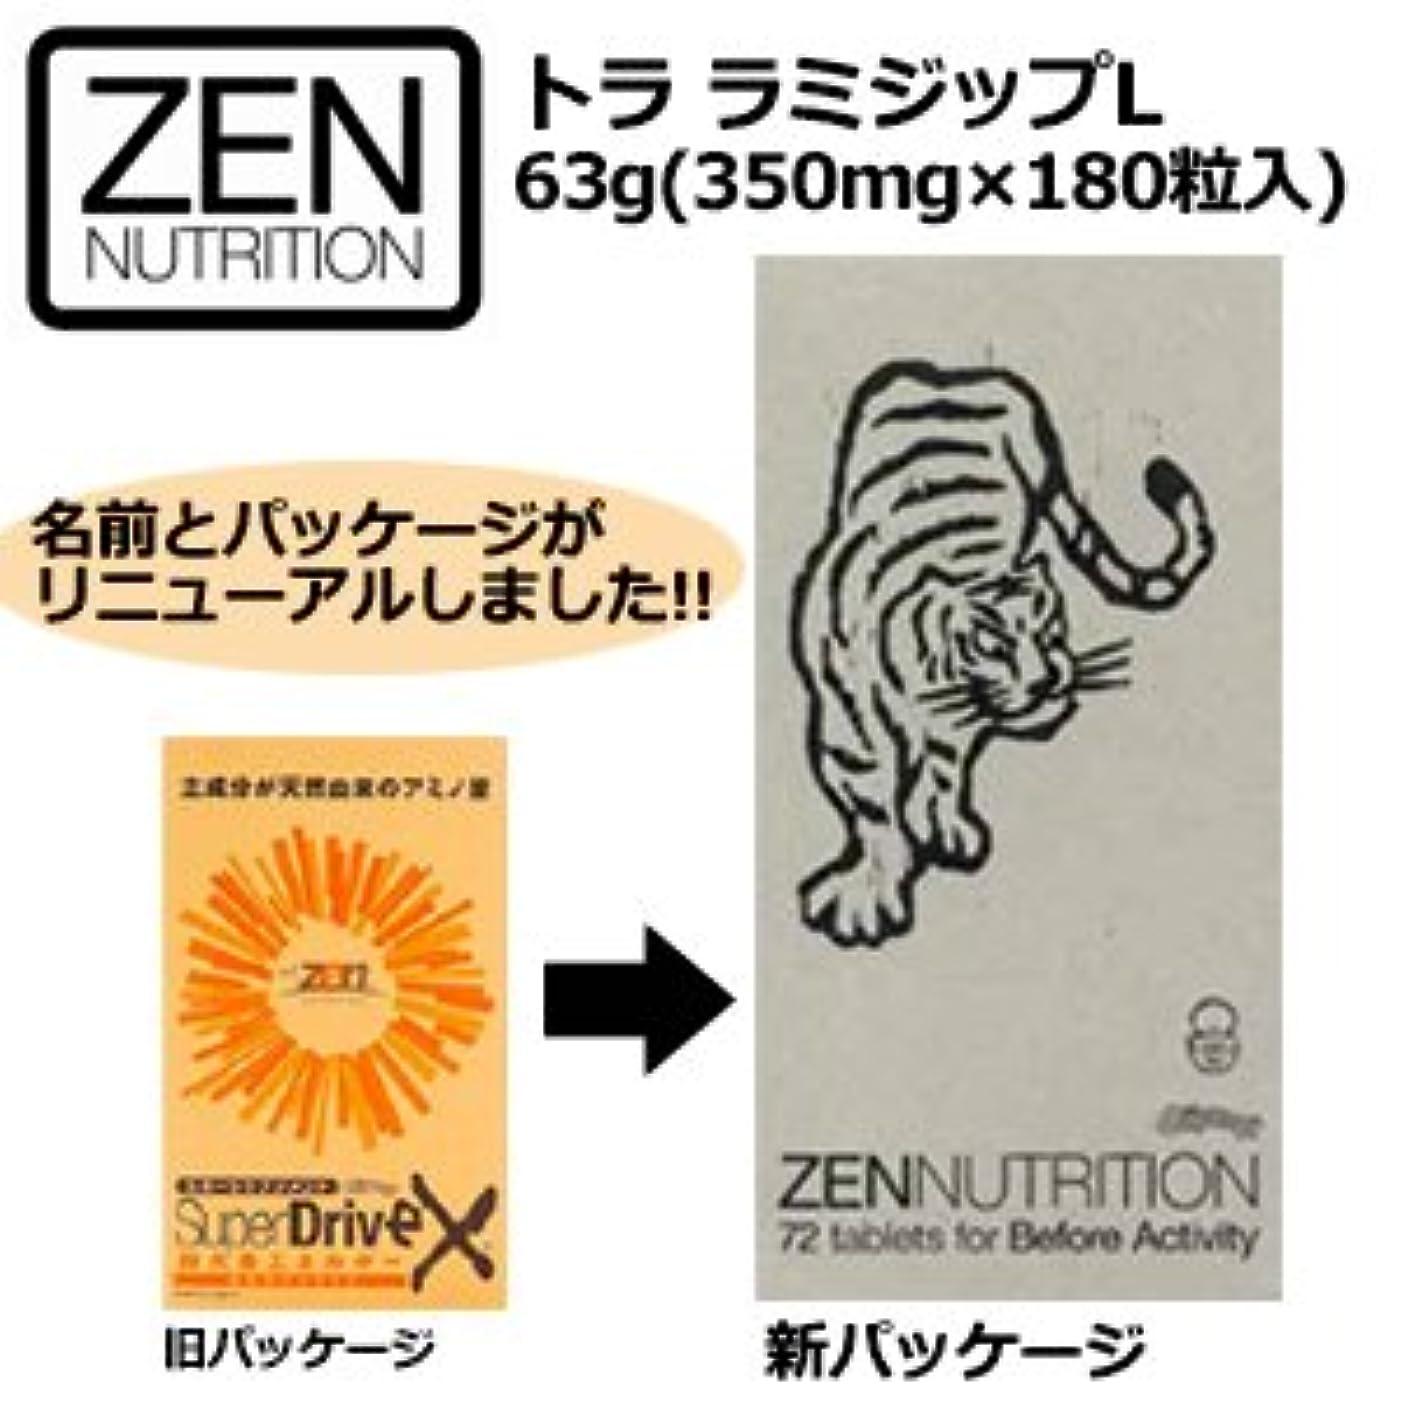 本能経験者用心ZEN ゼン SUPER DRIVE スーパードライブEX 虎 とら サプリメント アミノ酸●トラ ラミジップL 63g